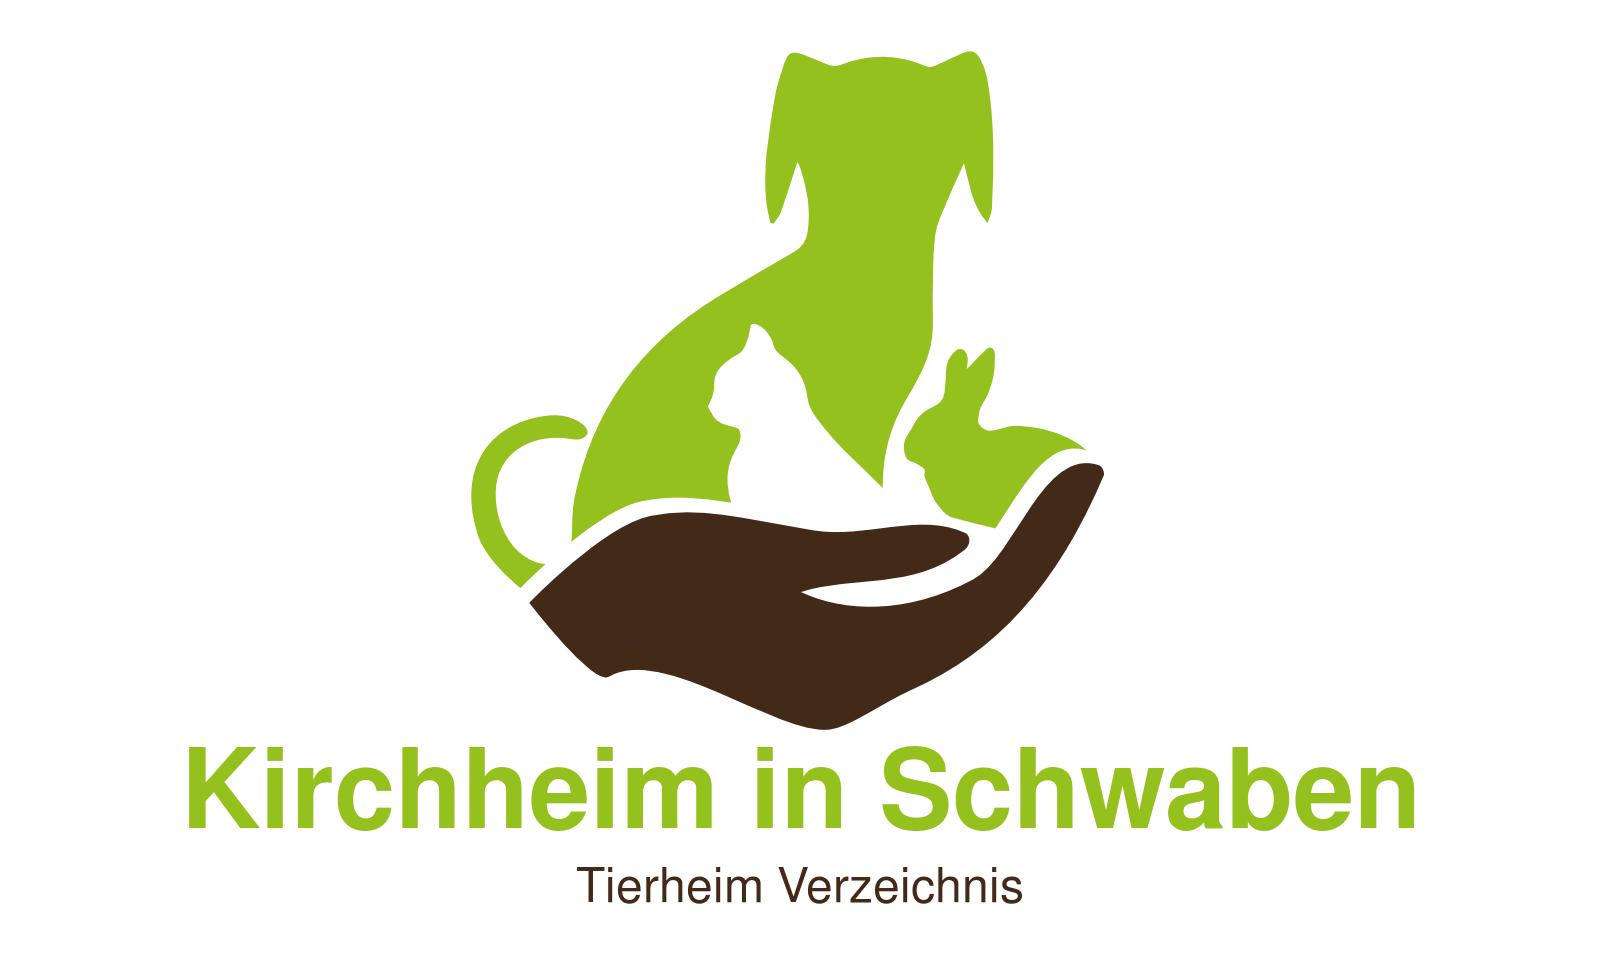 Tierheim Kirchheim in Schwaben